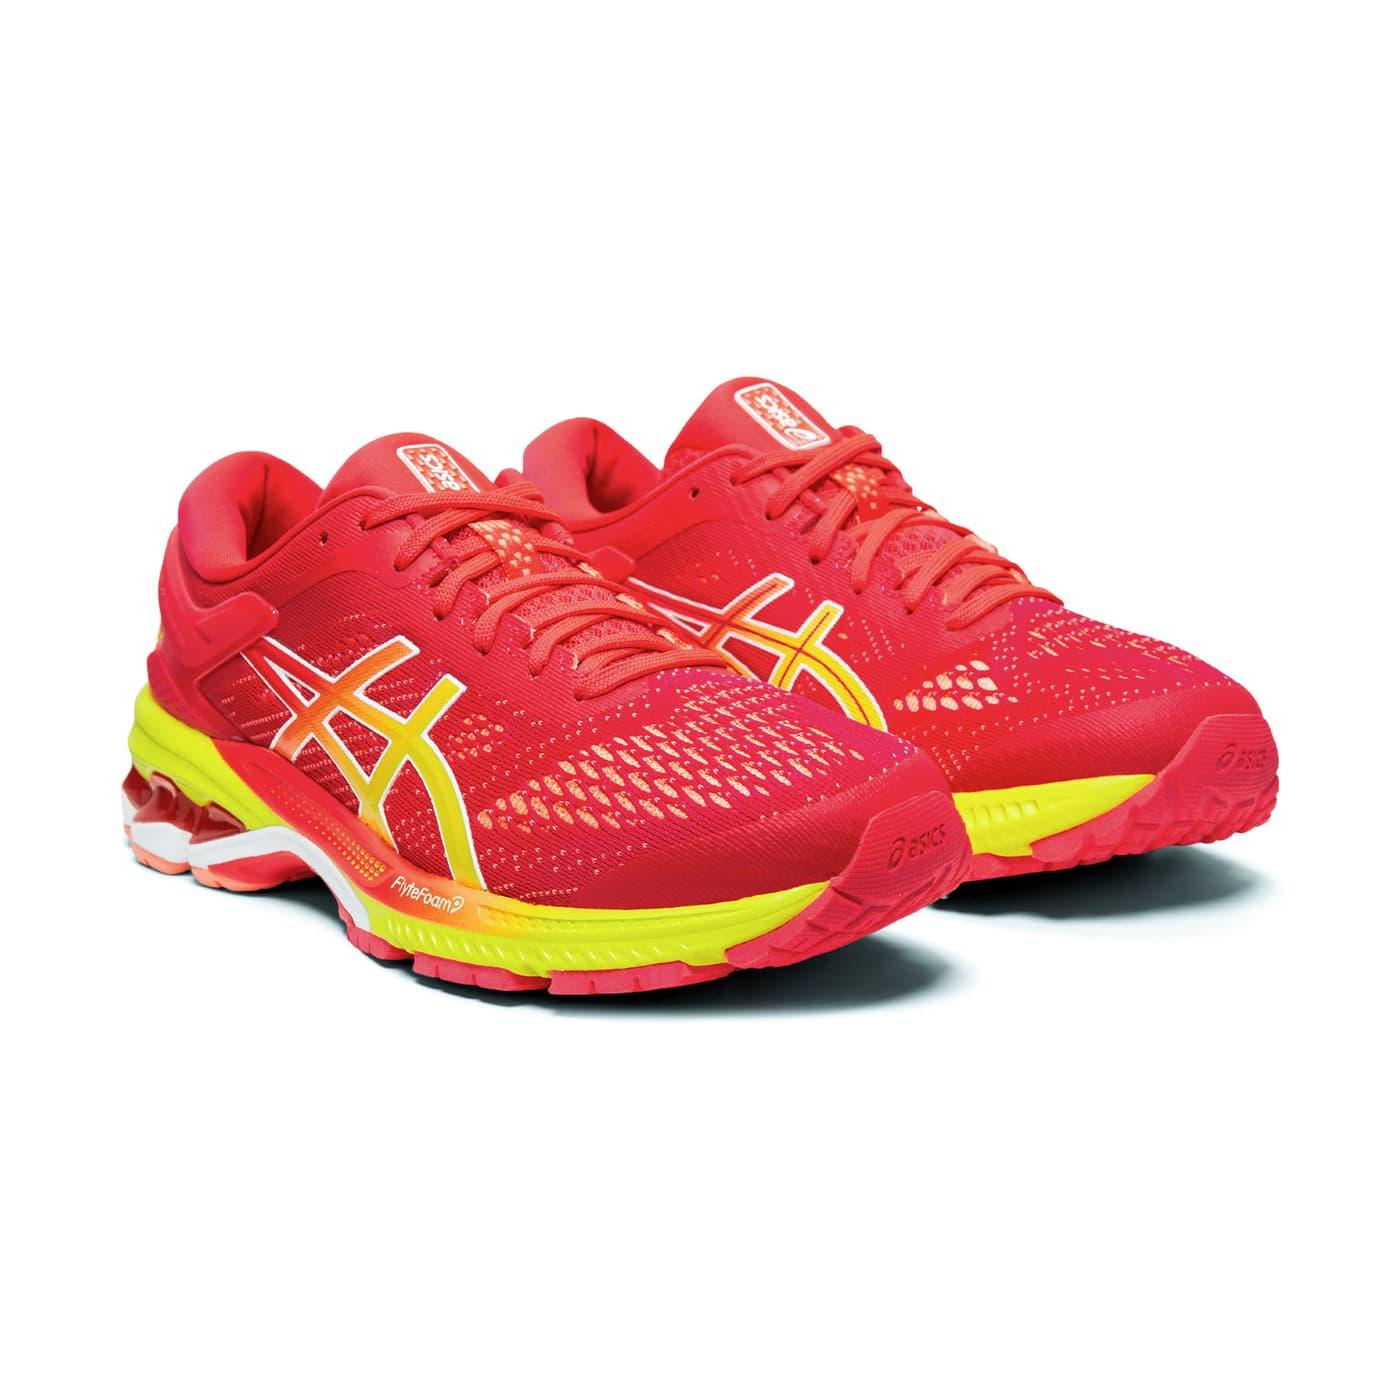 Asics Gel Kayano 26 Chaussures de course pour femme